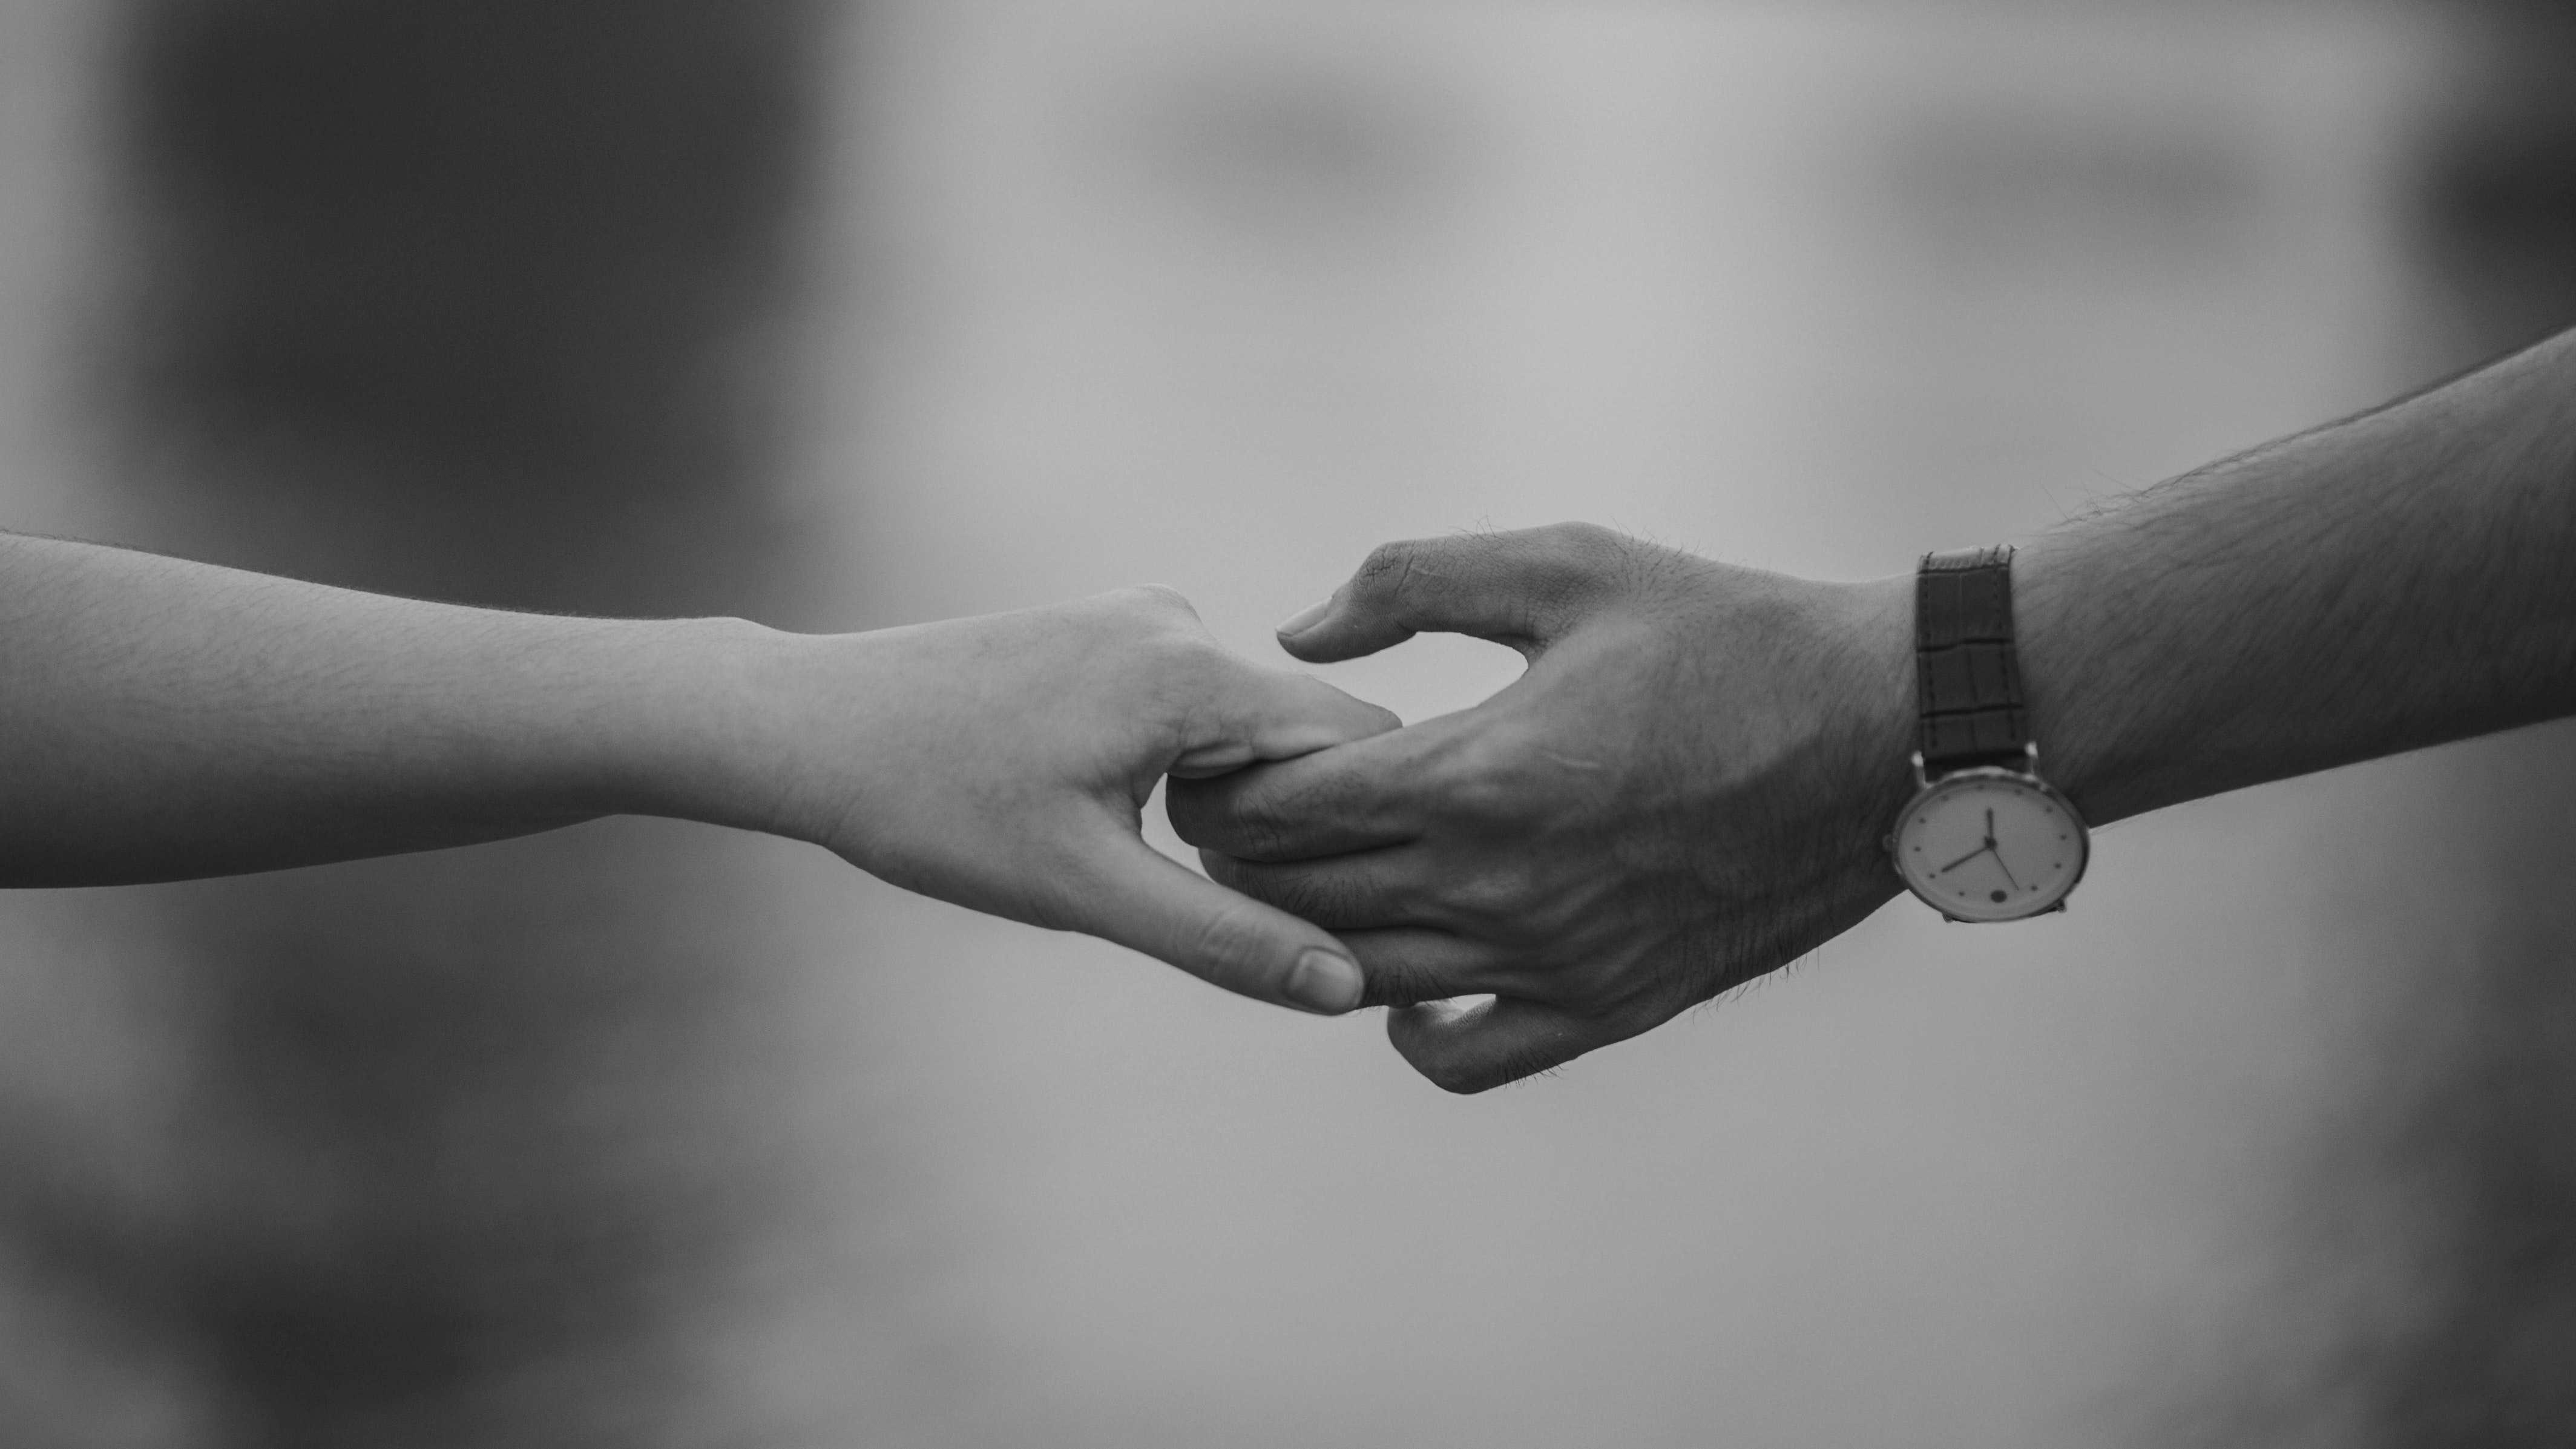 5.不要有留戀 「世界上不會再有比你更好的人了」在離別時,不要對仍對你有留戀的對方說出任何有希望的話。這種話對對方來說真的太痛苦了。